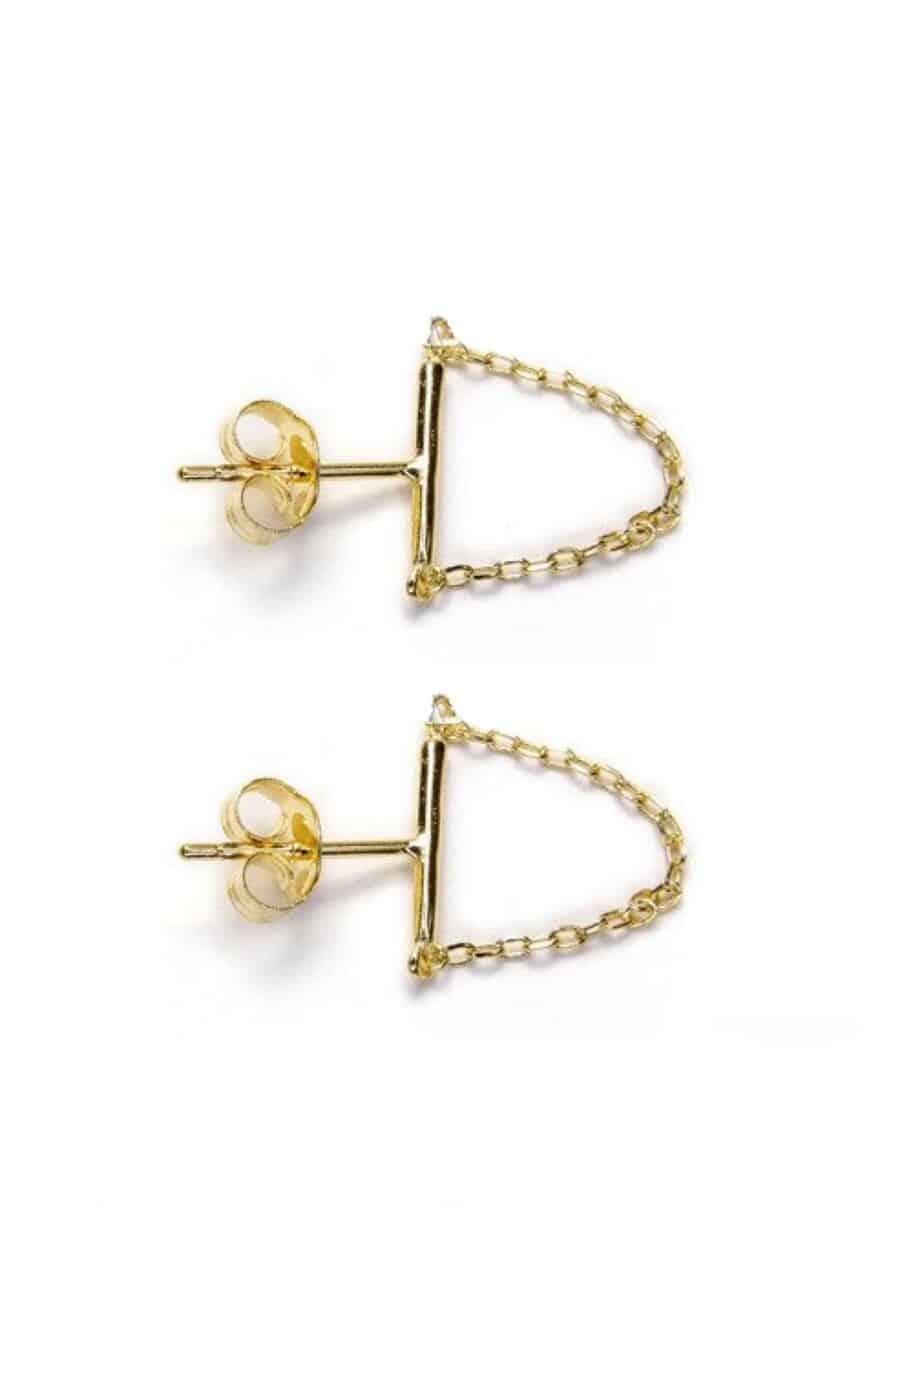 Gouden oorbellen 'Bar and chain' van Goud op Zilver